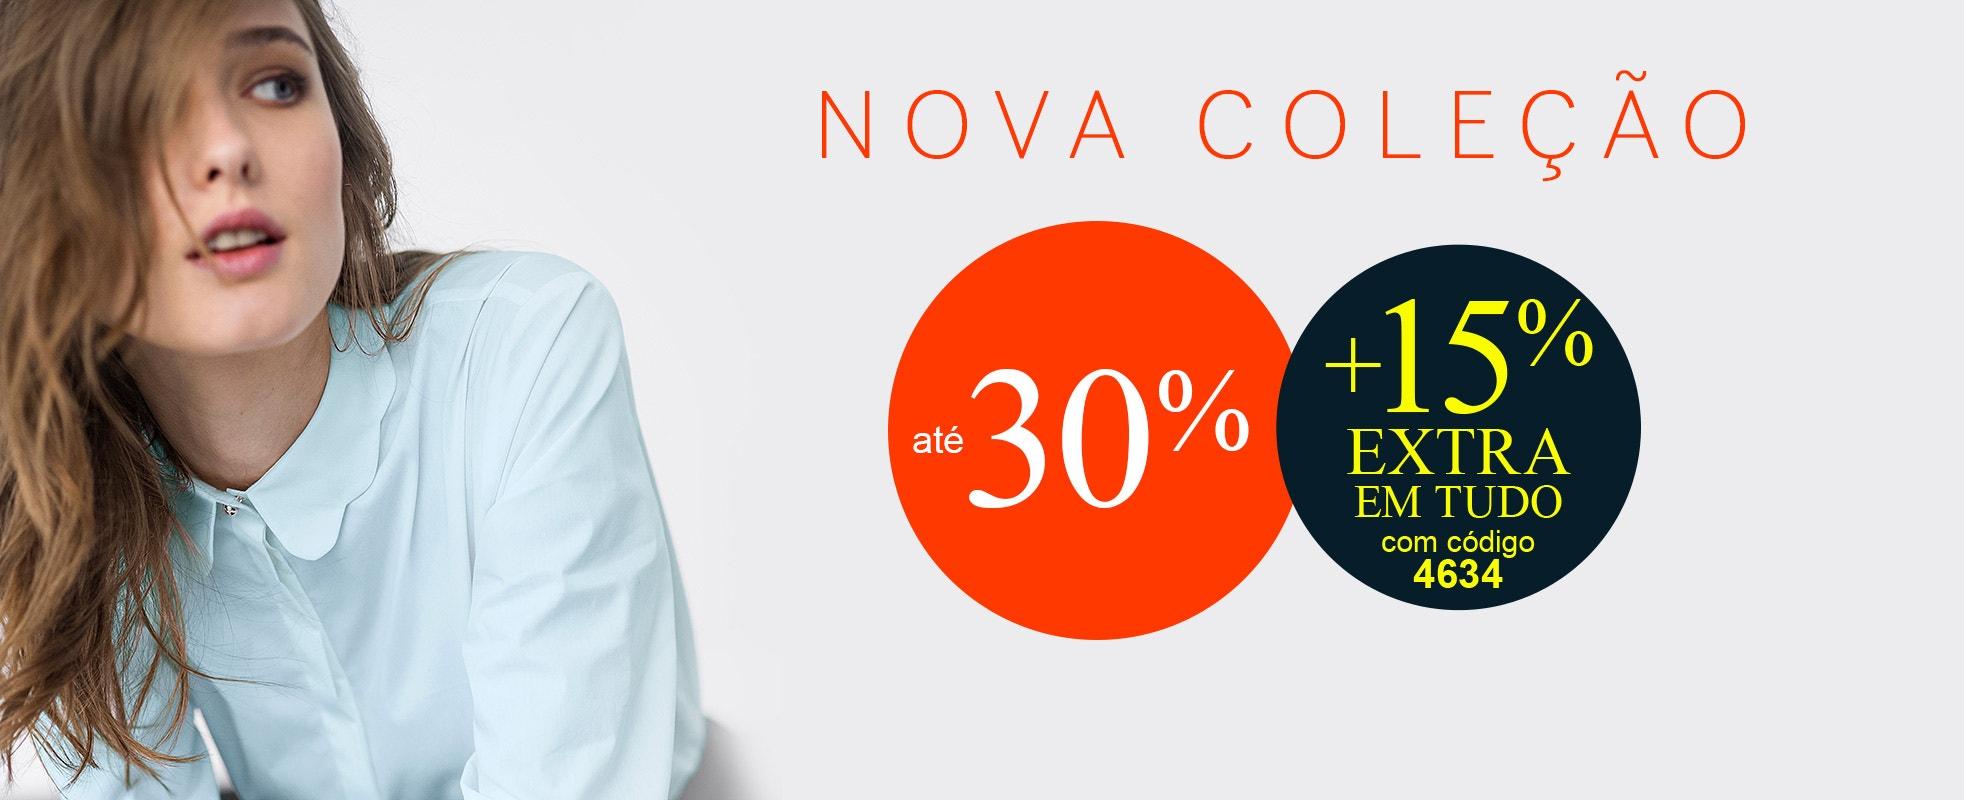 Nova Coleção até 30% + 15% EXTRA em TUDO